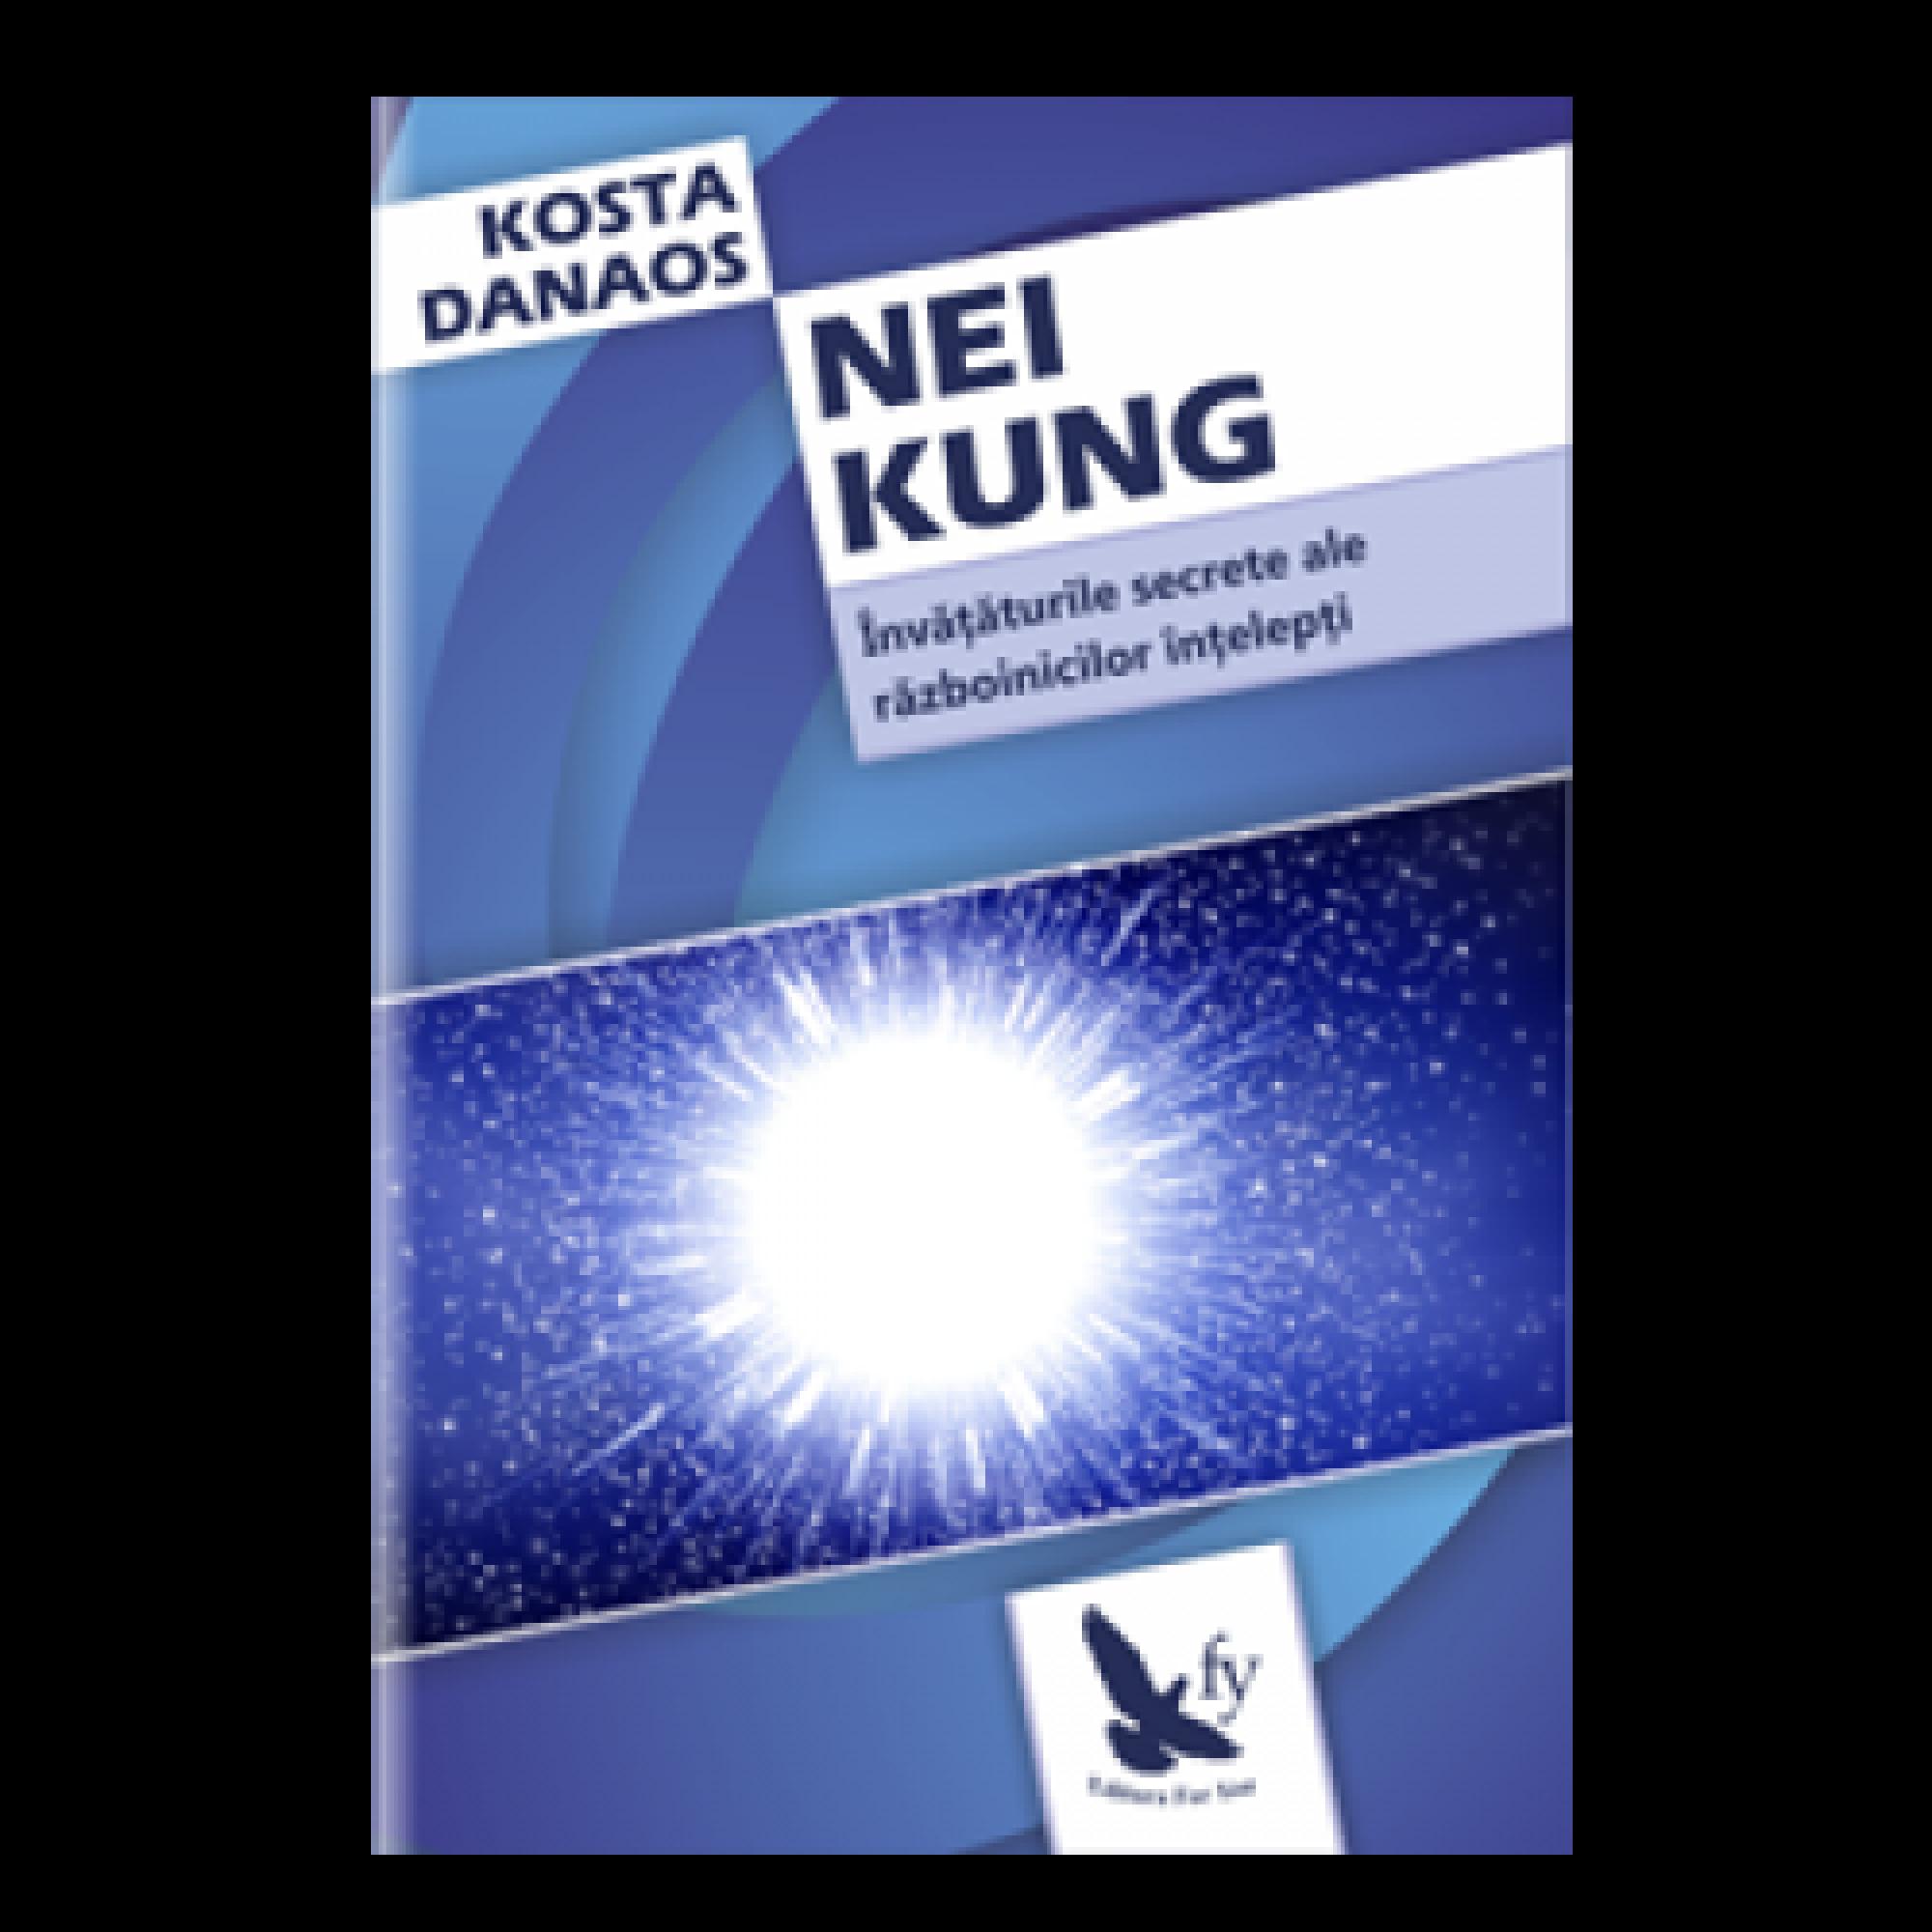 Nei Kung. Învăţăturile secrete ale războinicilor înţelepţi; Kosta Danaos